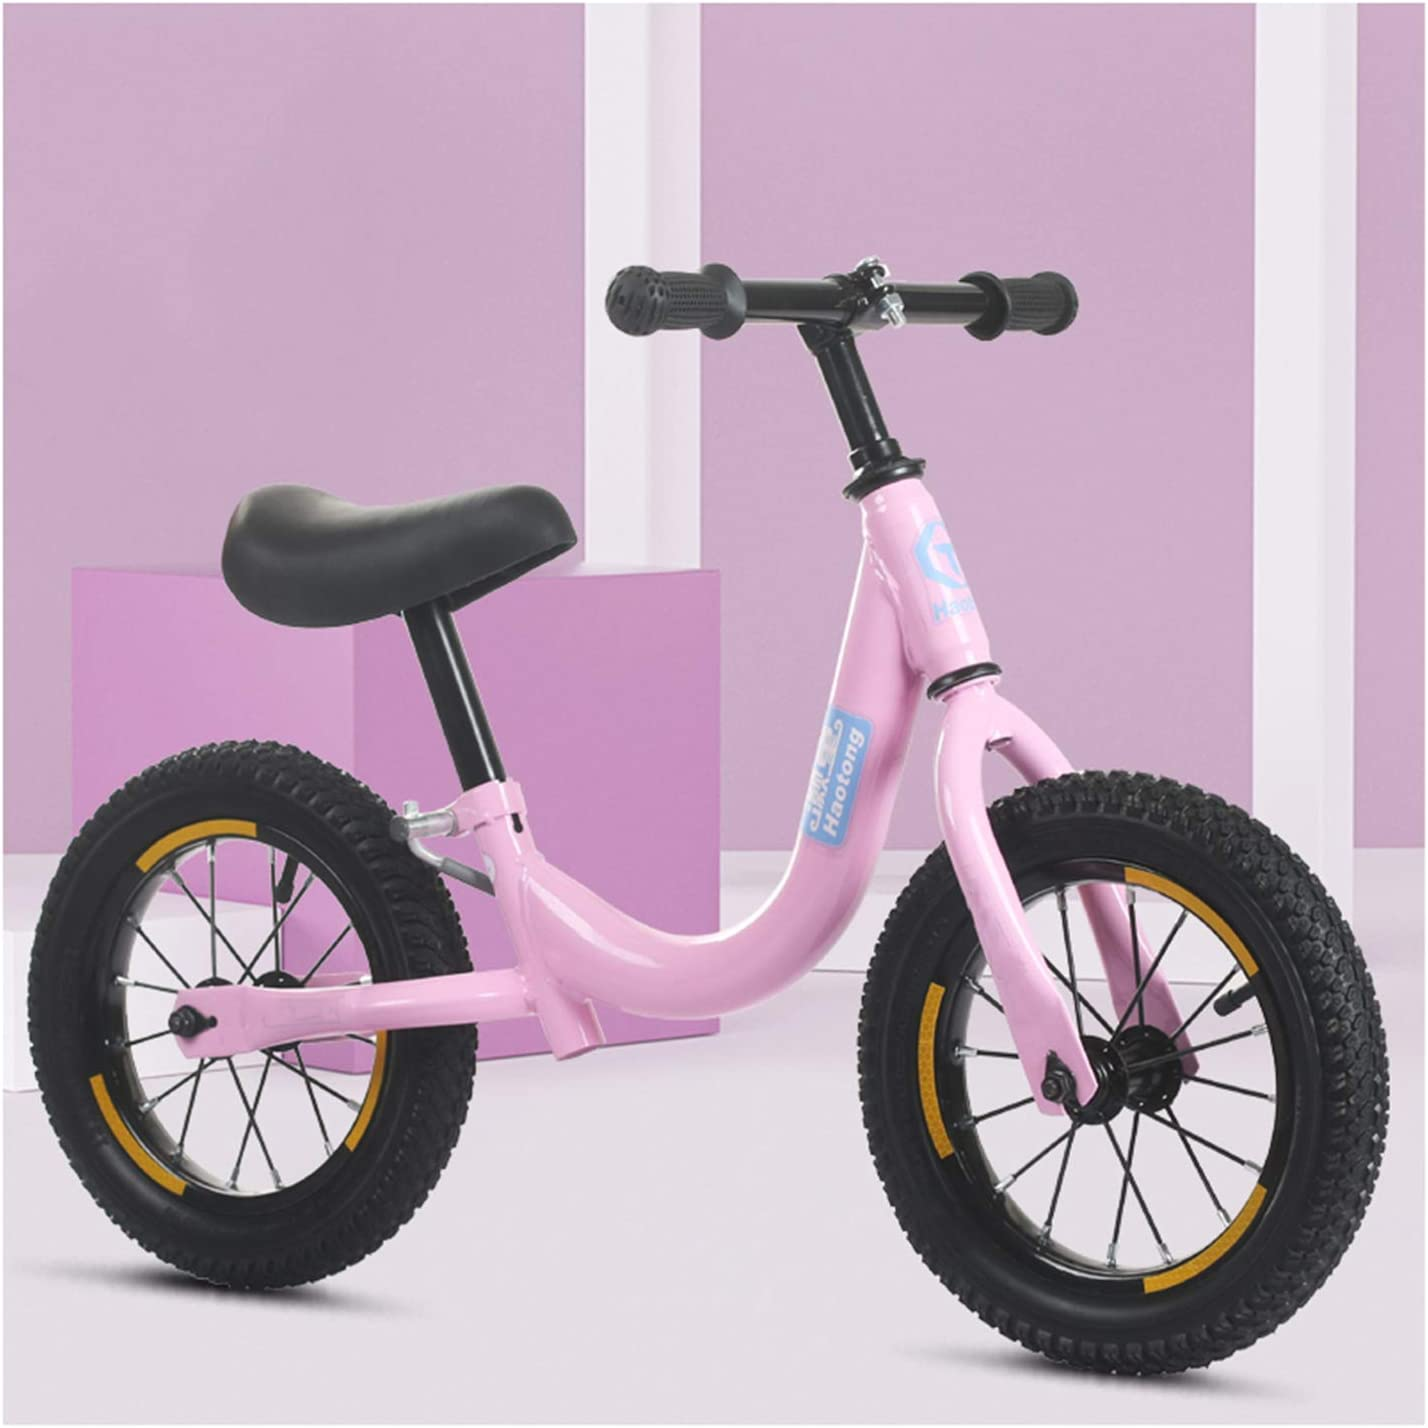 CJW-LC Bicicleta De Equilibrio, Bicicleta Sin Pedales Acero De Alto Carbono Balance Bike con Ruedas Inflables De 12 Pulgadas Asiento Y Manillar Regulables En Altura, para Niños De 2-6 Años